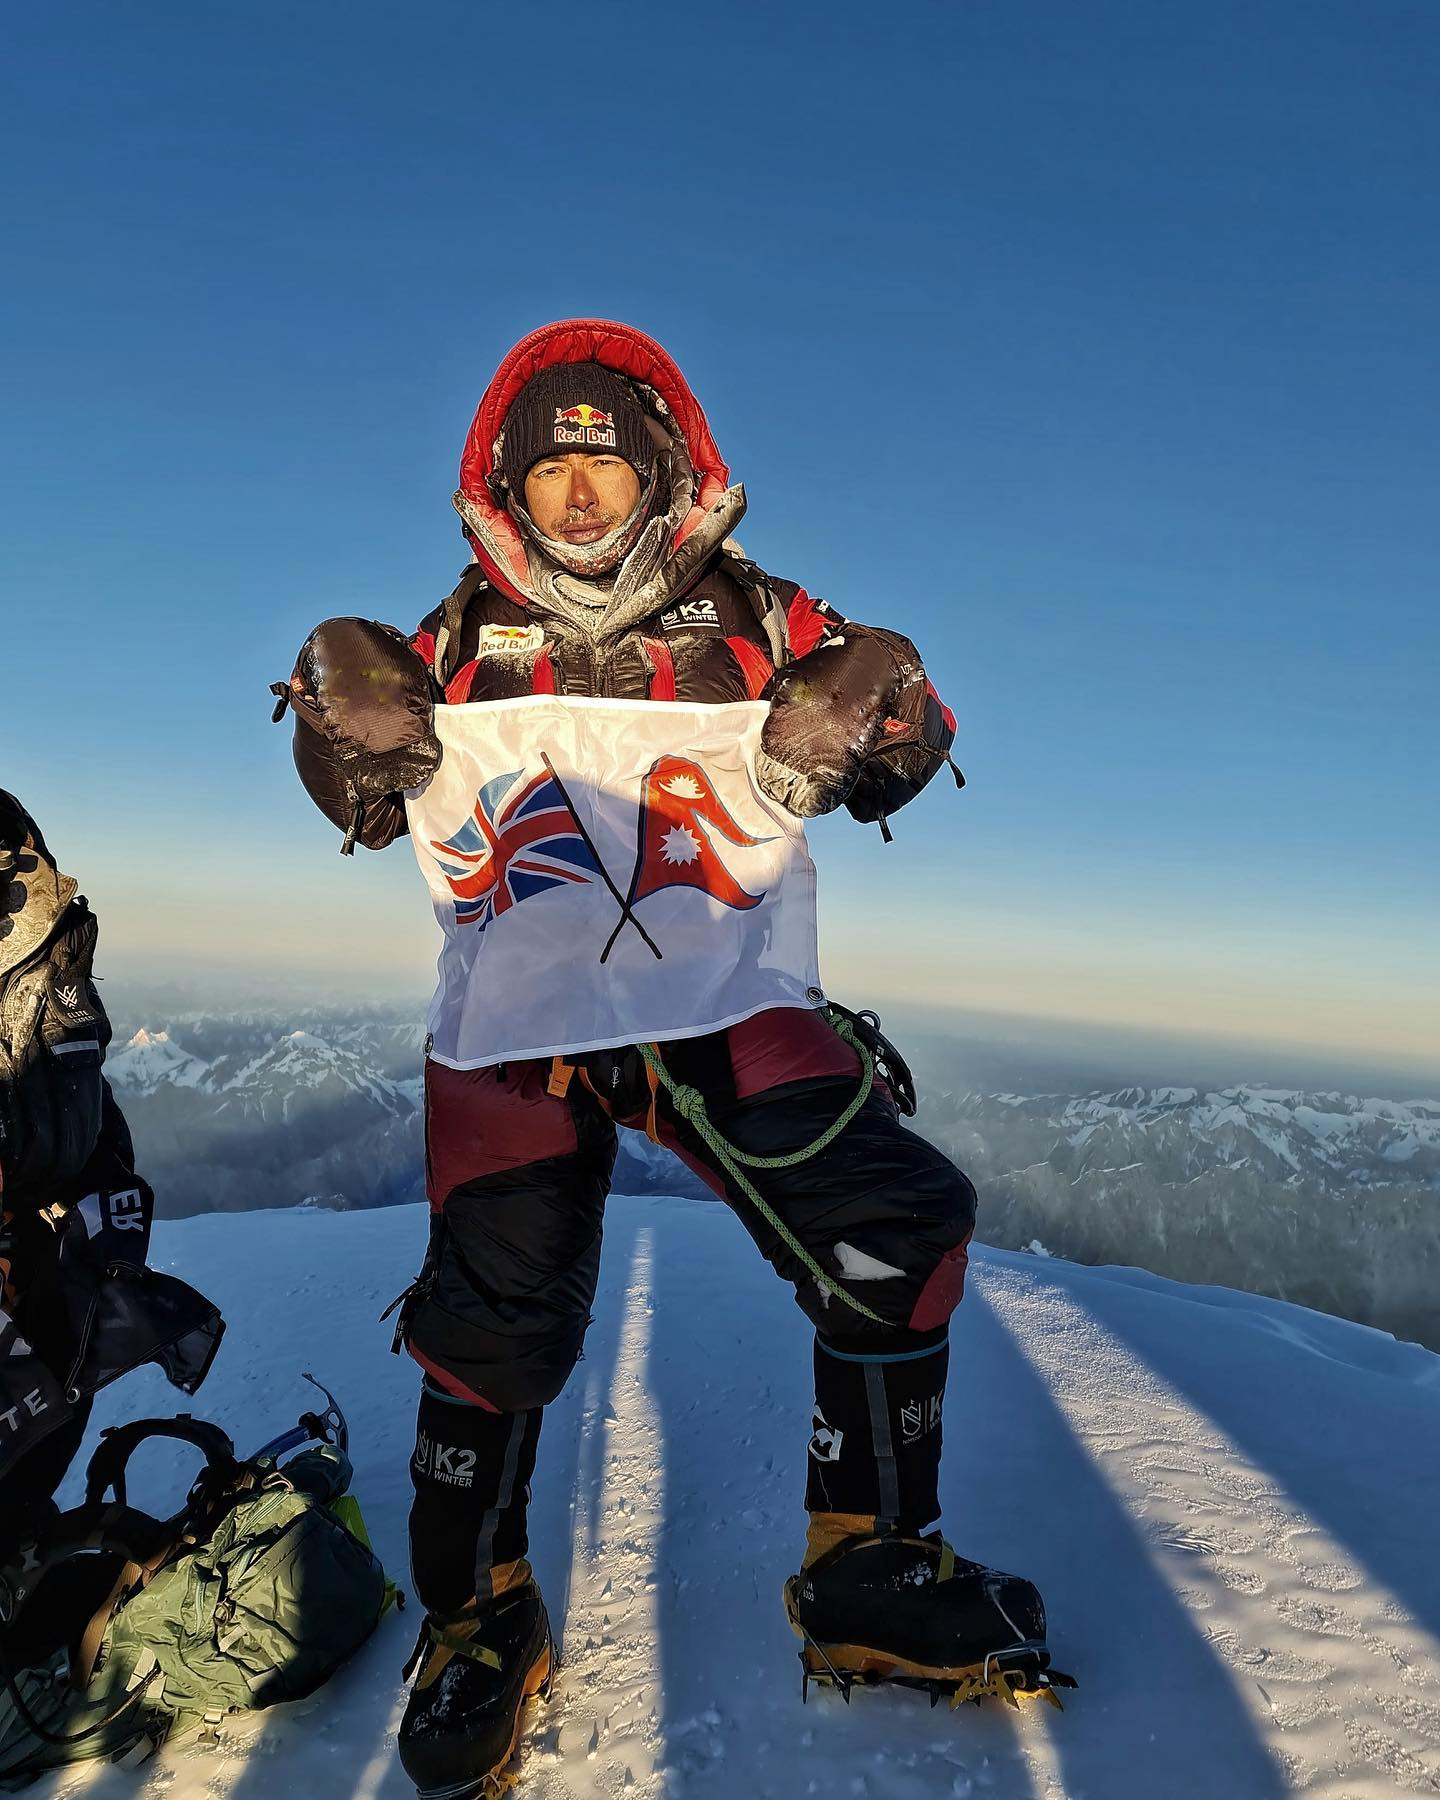 première ascension hivernale du K2 8611 le 16 janvier 2021